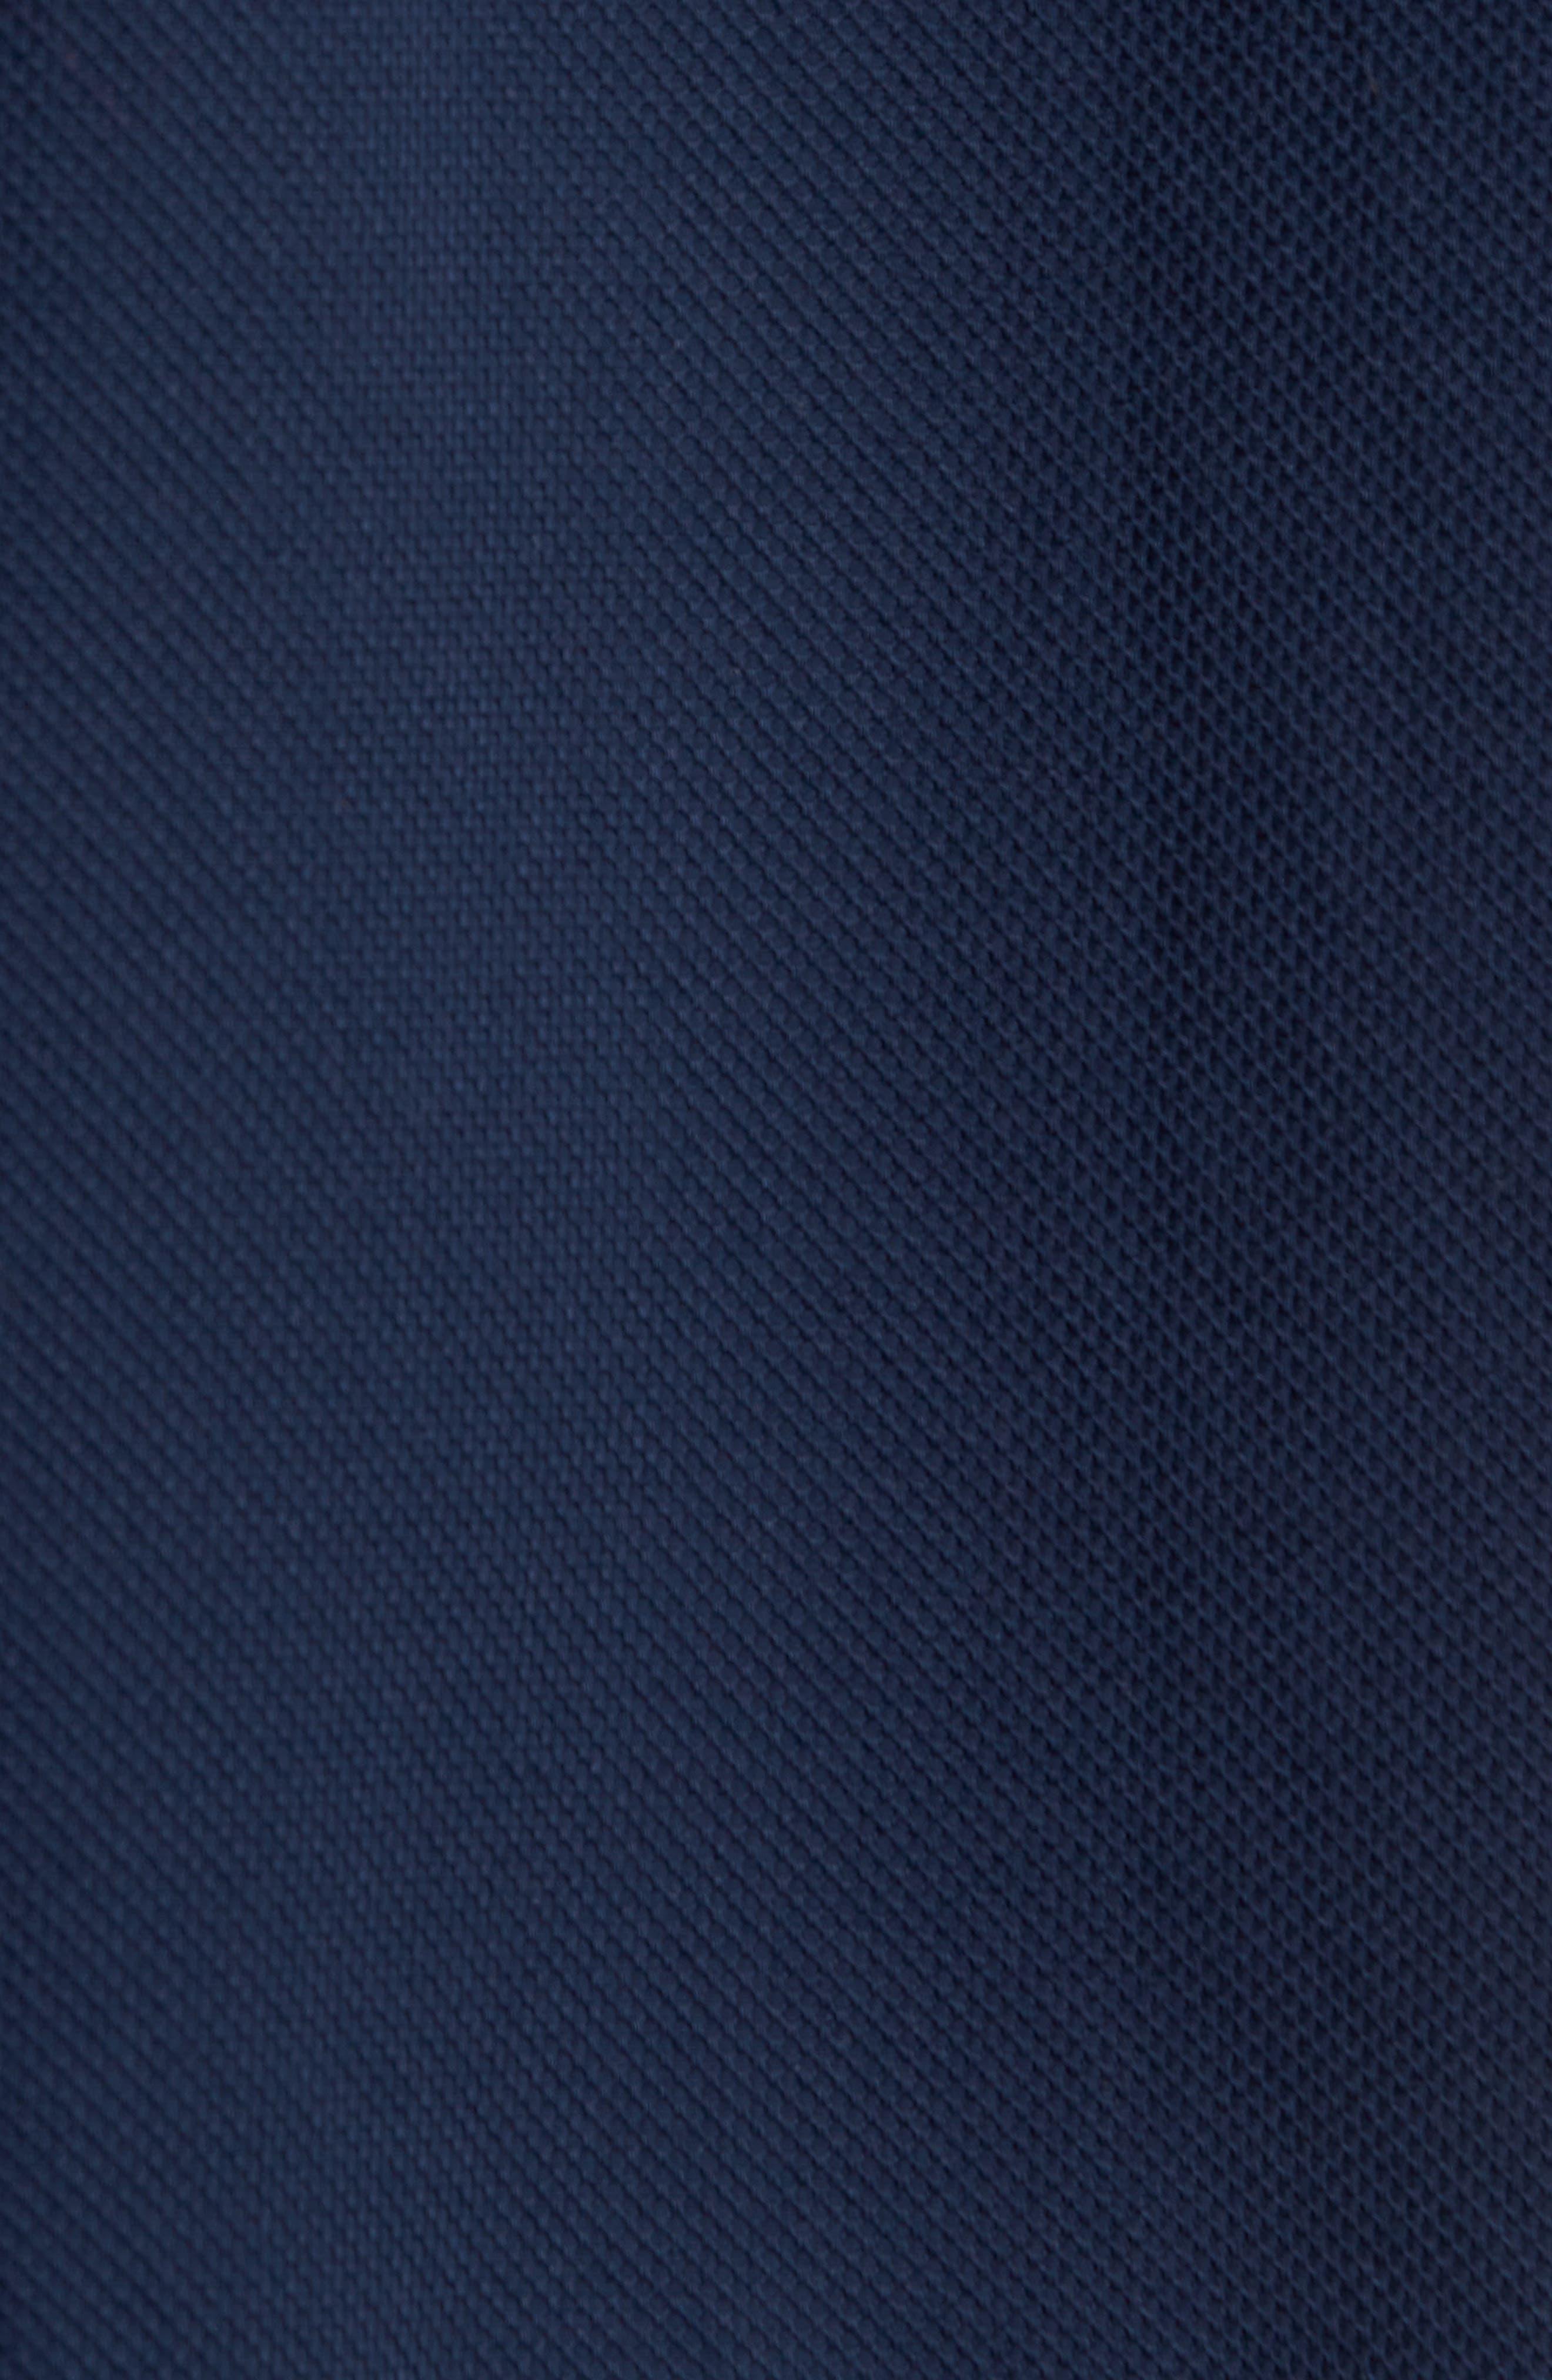 Woven Piqué Shirt,                             Alternate thumbnail 5, color,                             Carbon Blue